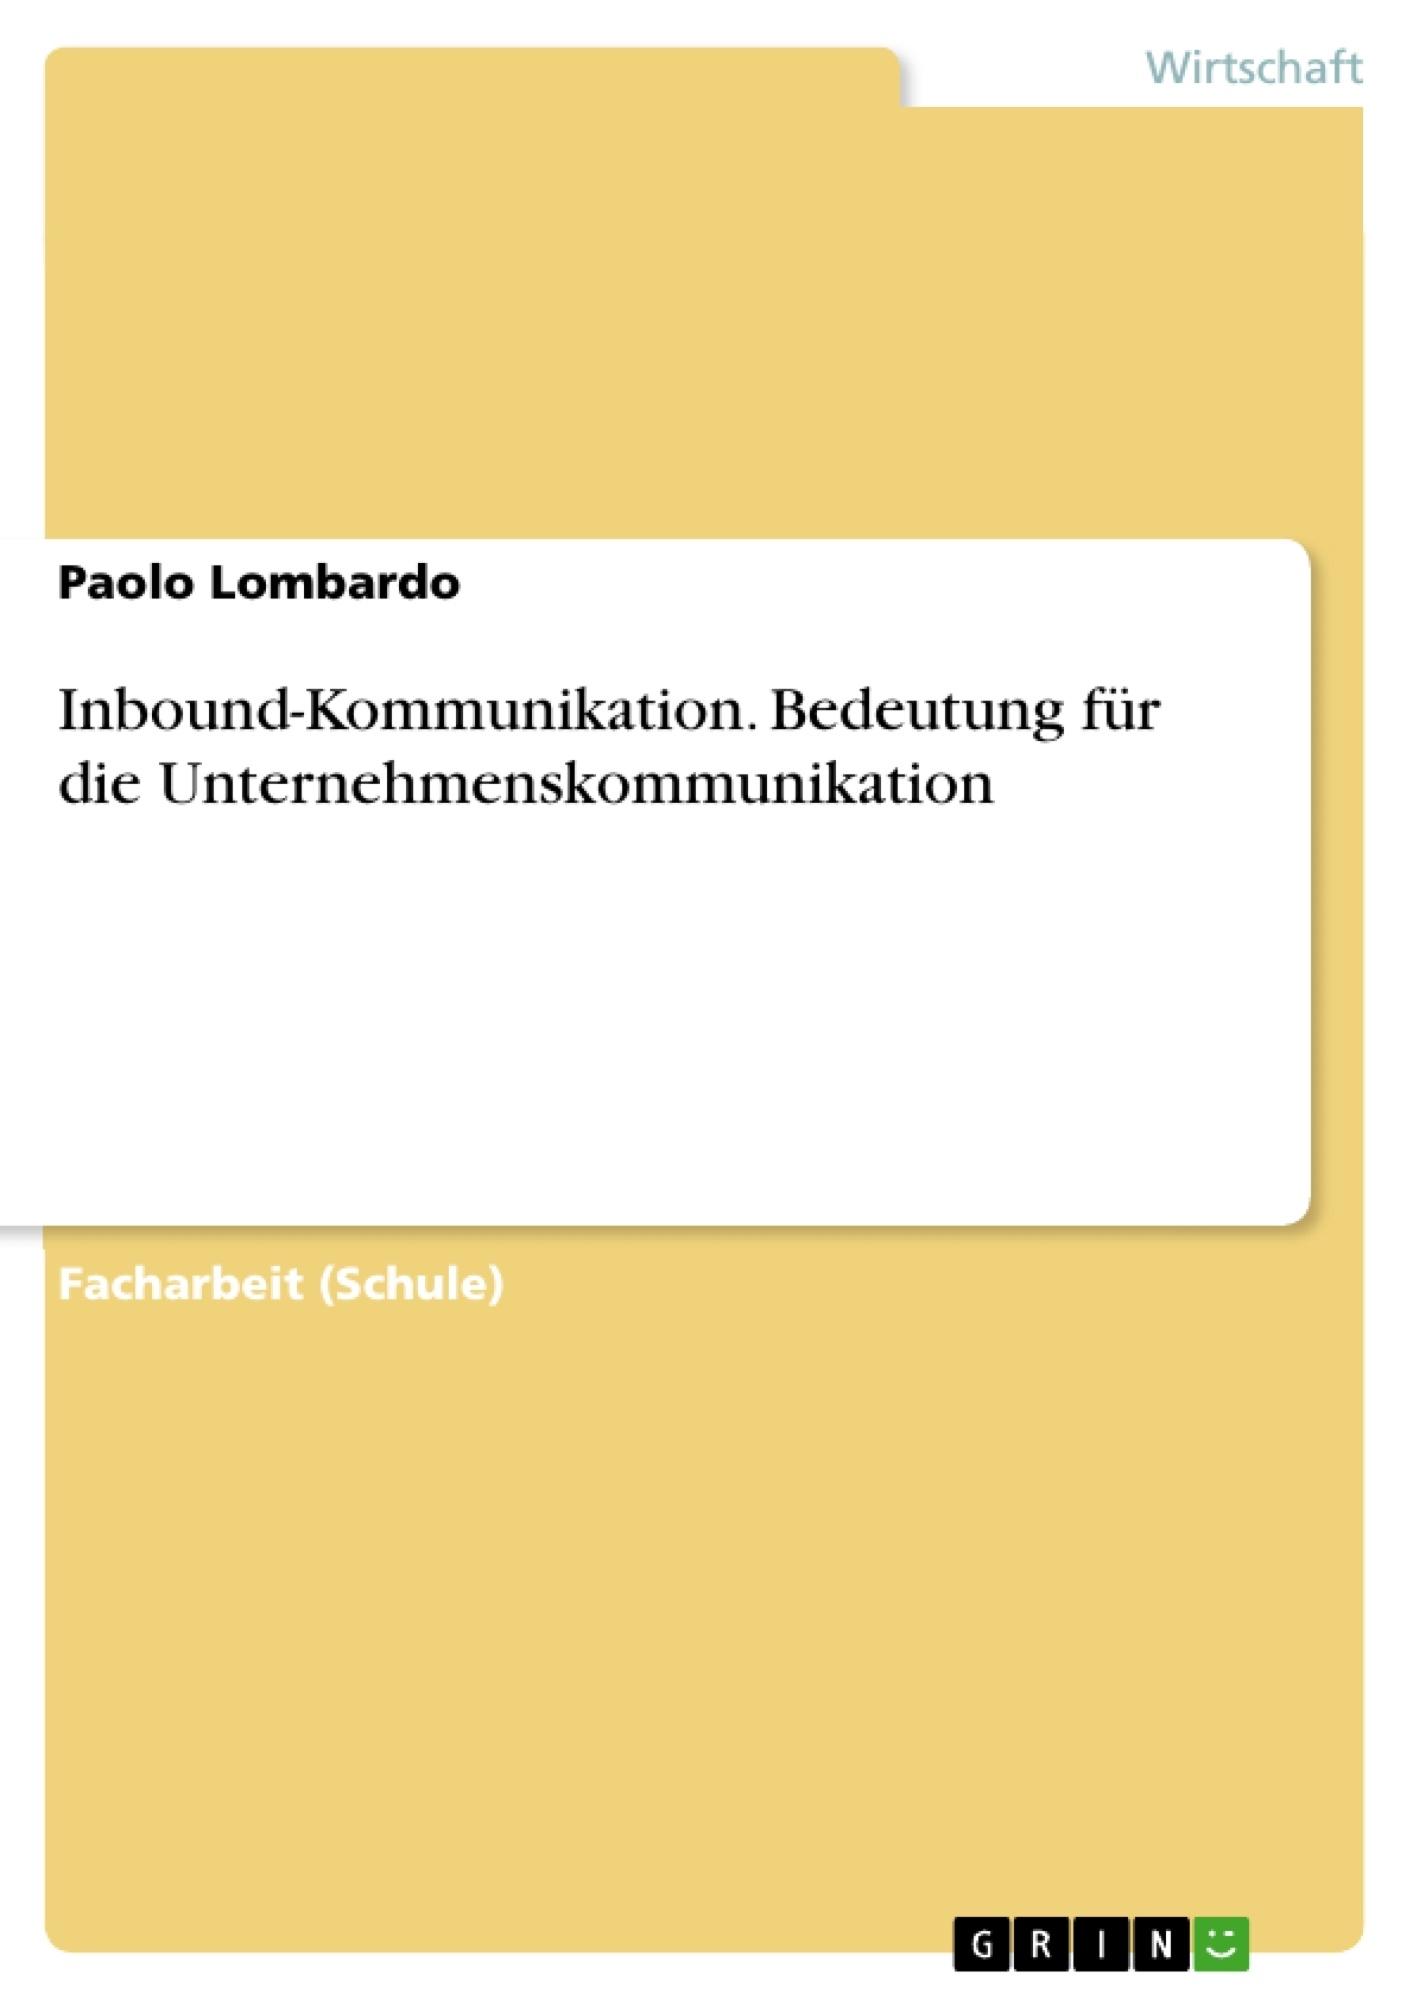 Titel: Inbound-Kommunikation. Bedeutung für die Unternehmenskommunikation